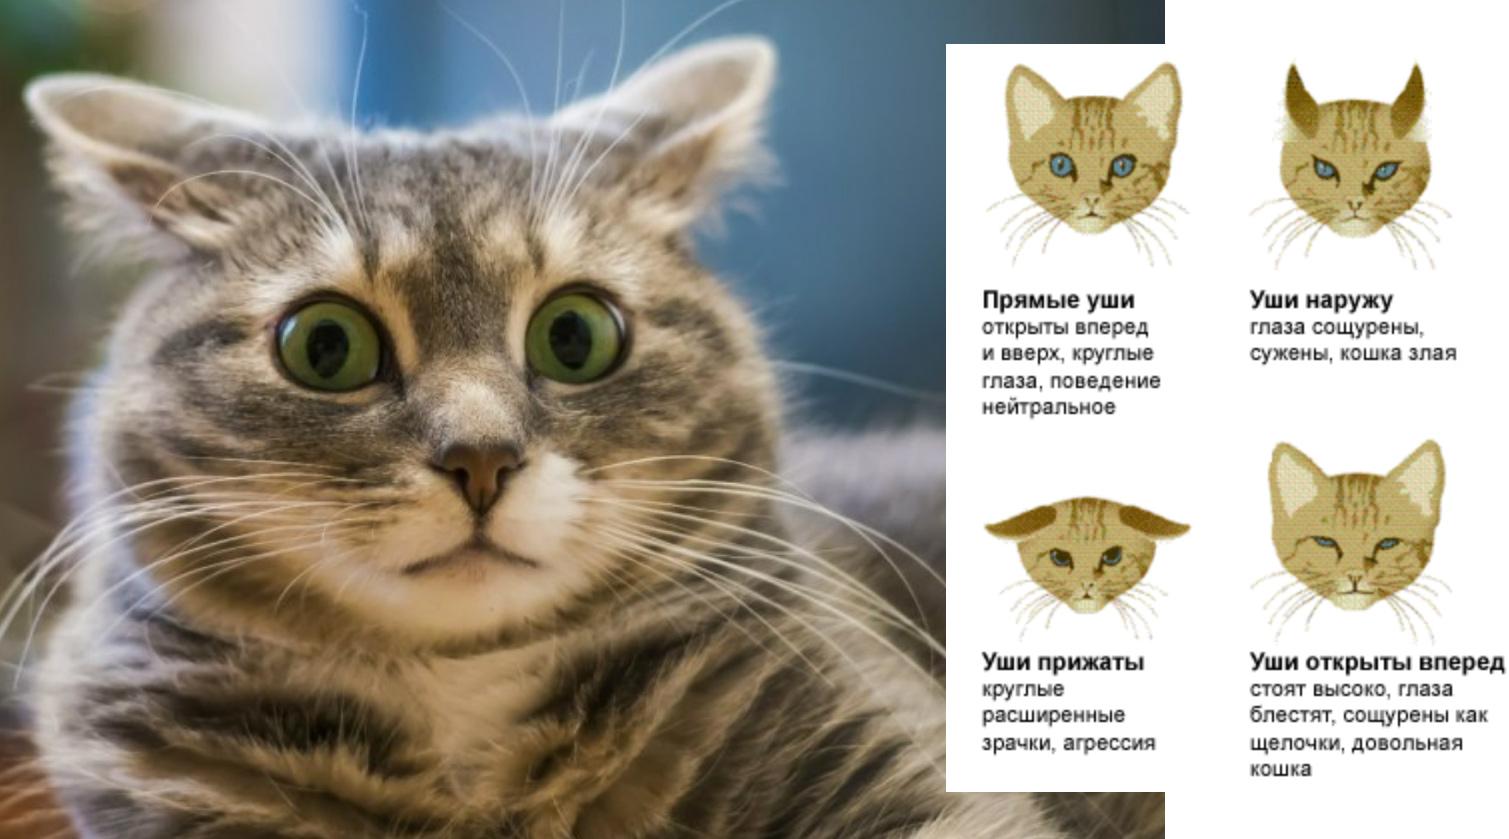 Положения ушей у кошек фото